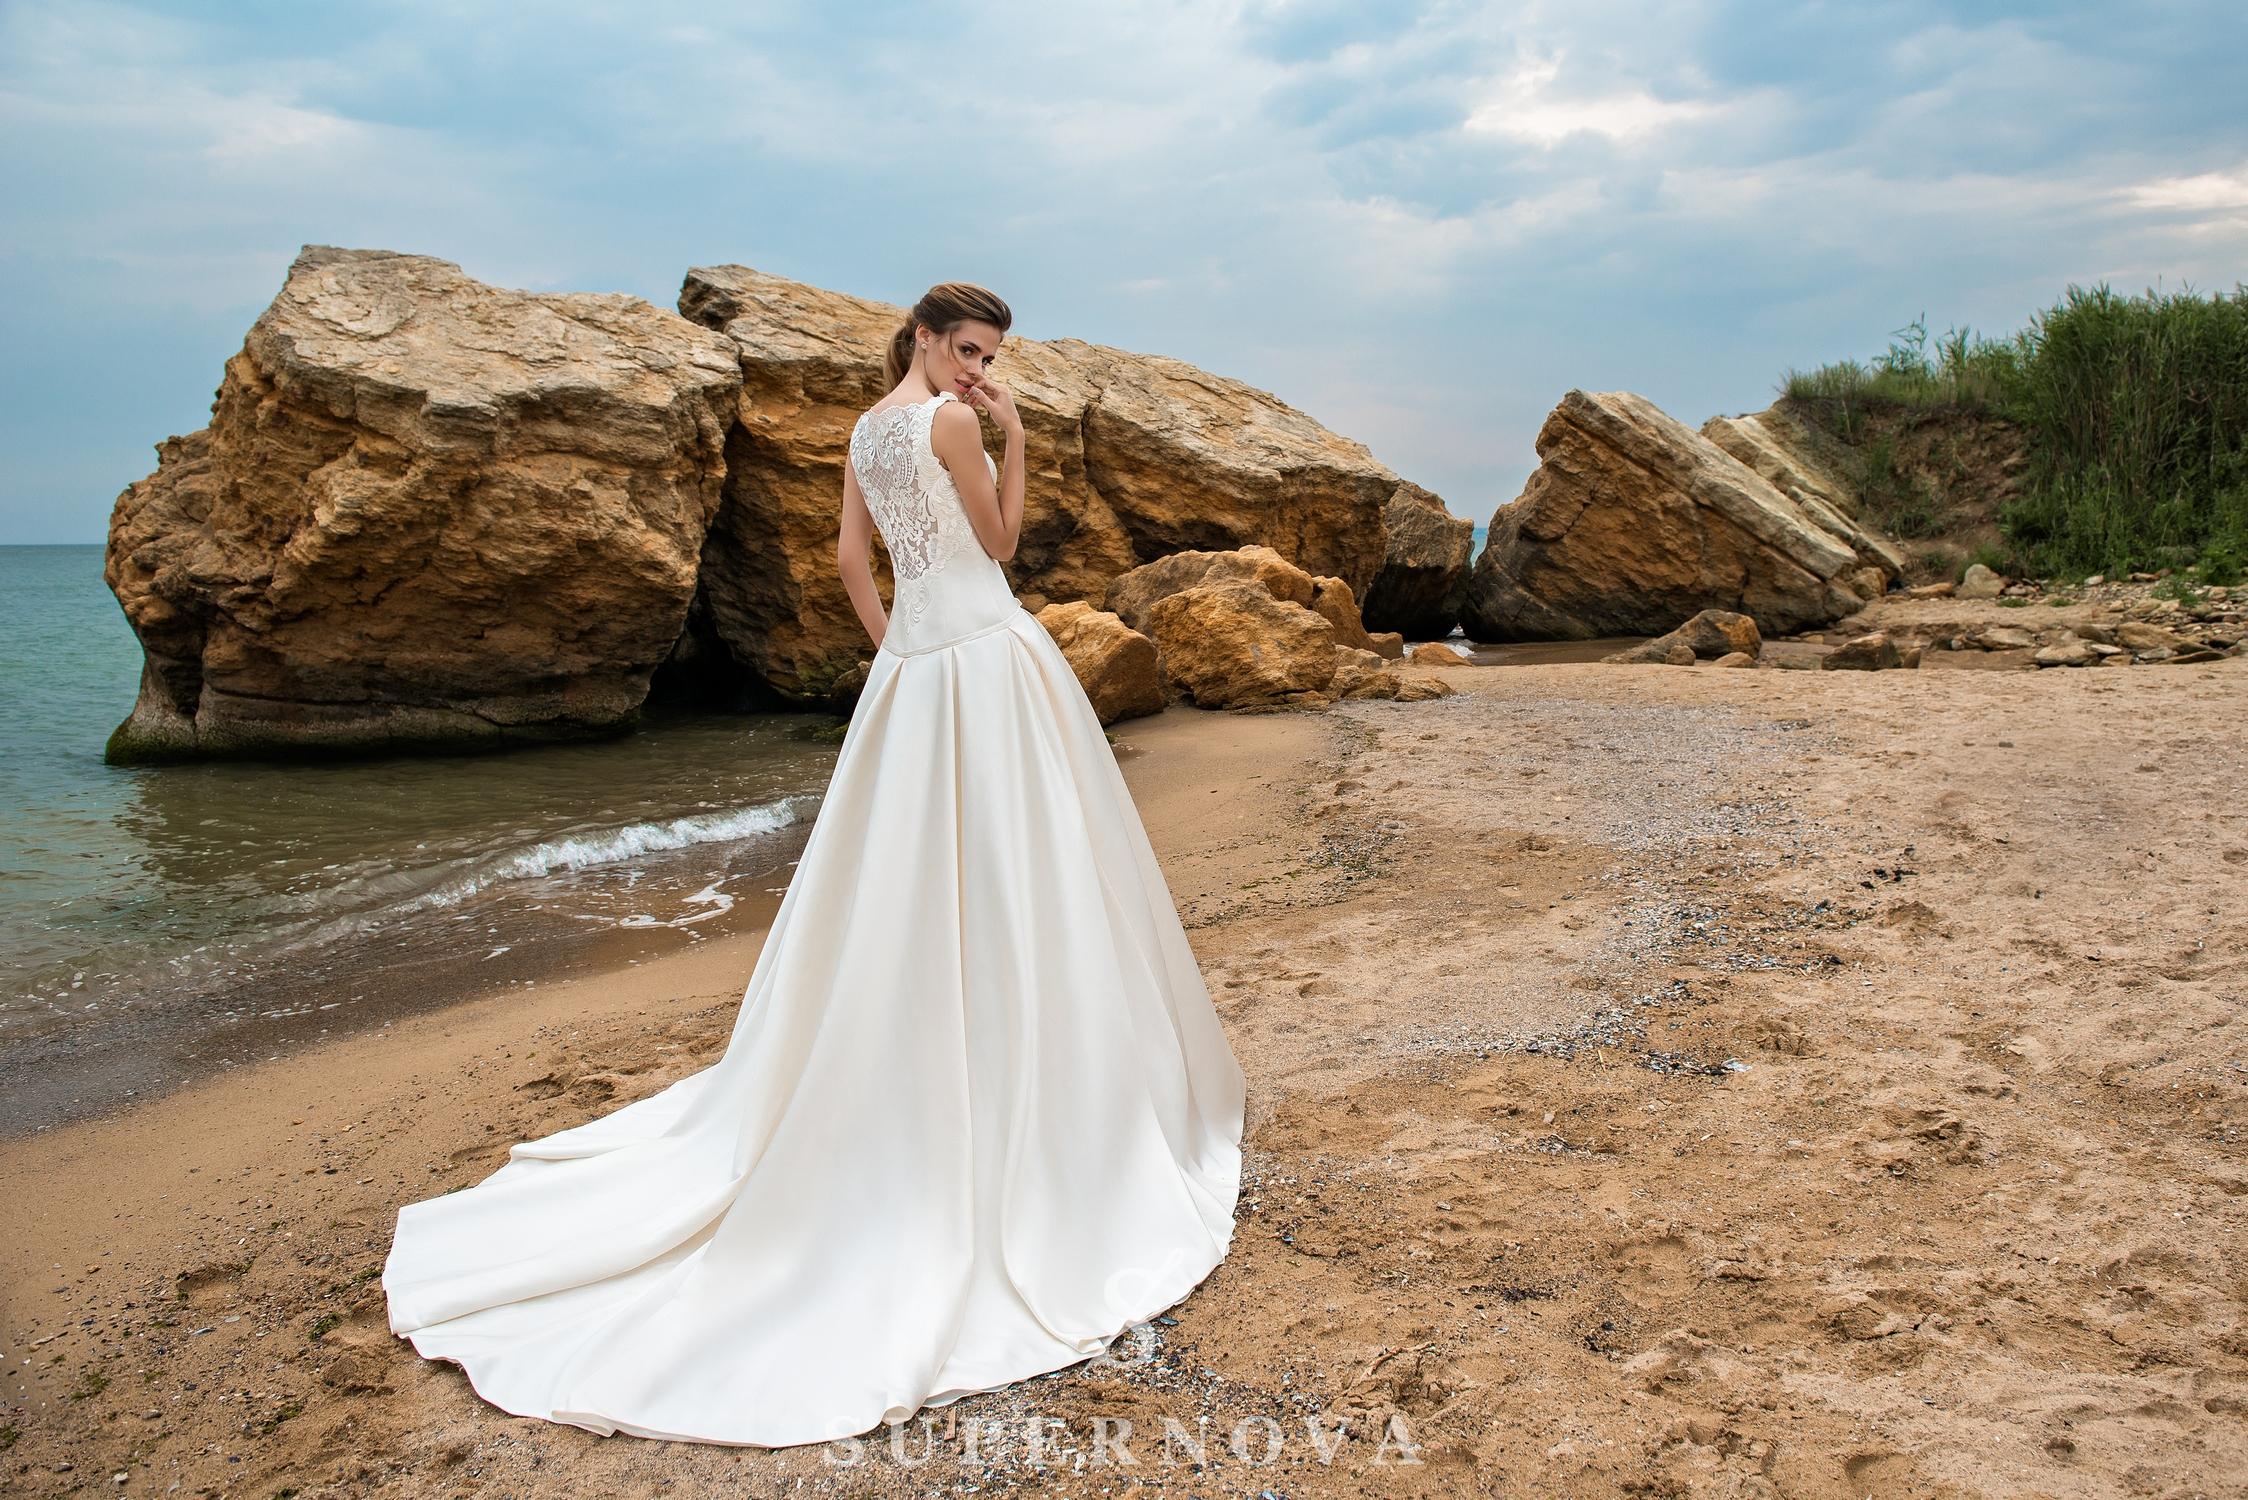 Cвадебное платье с удлиненным корсетом и юбкой-шлейф-1